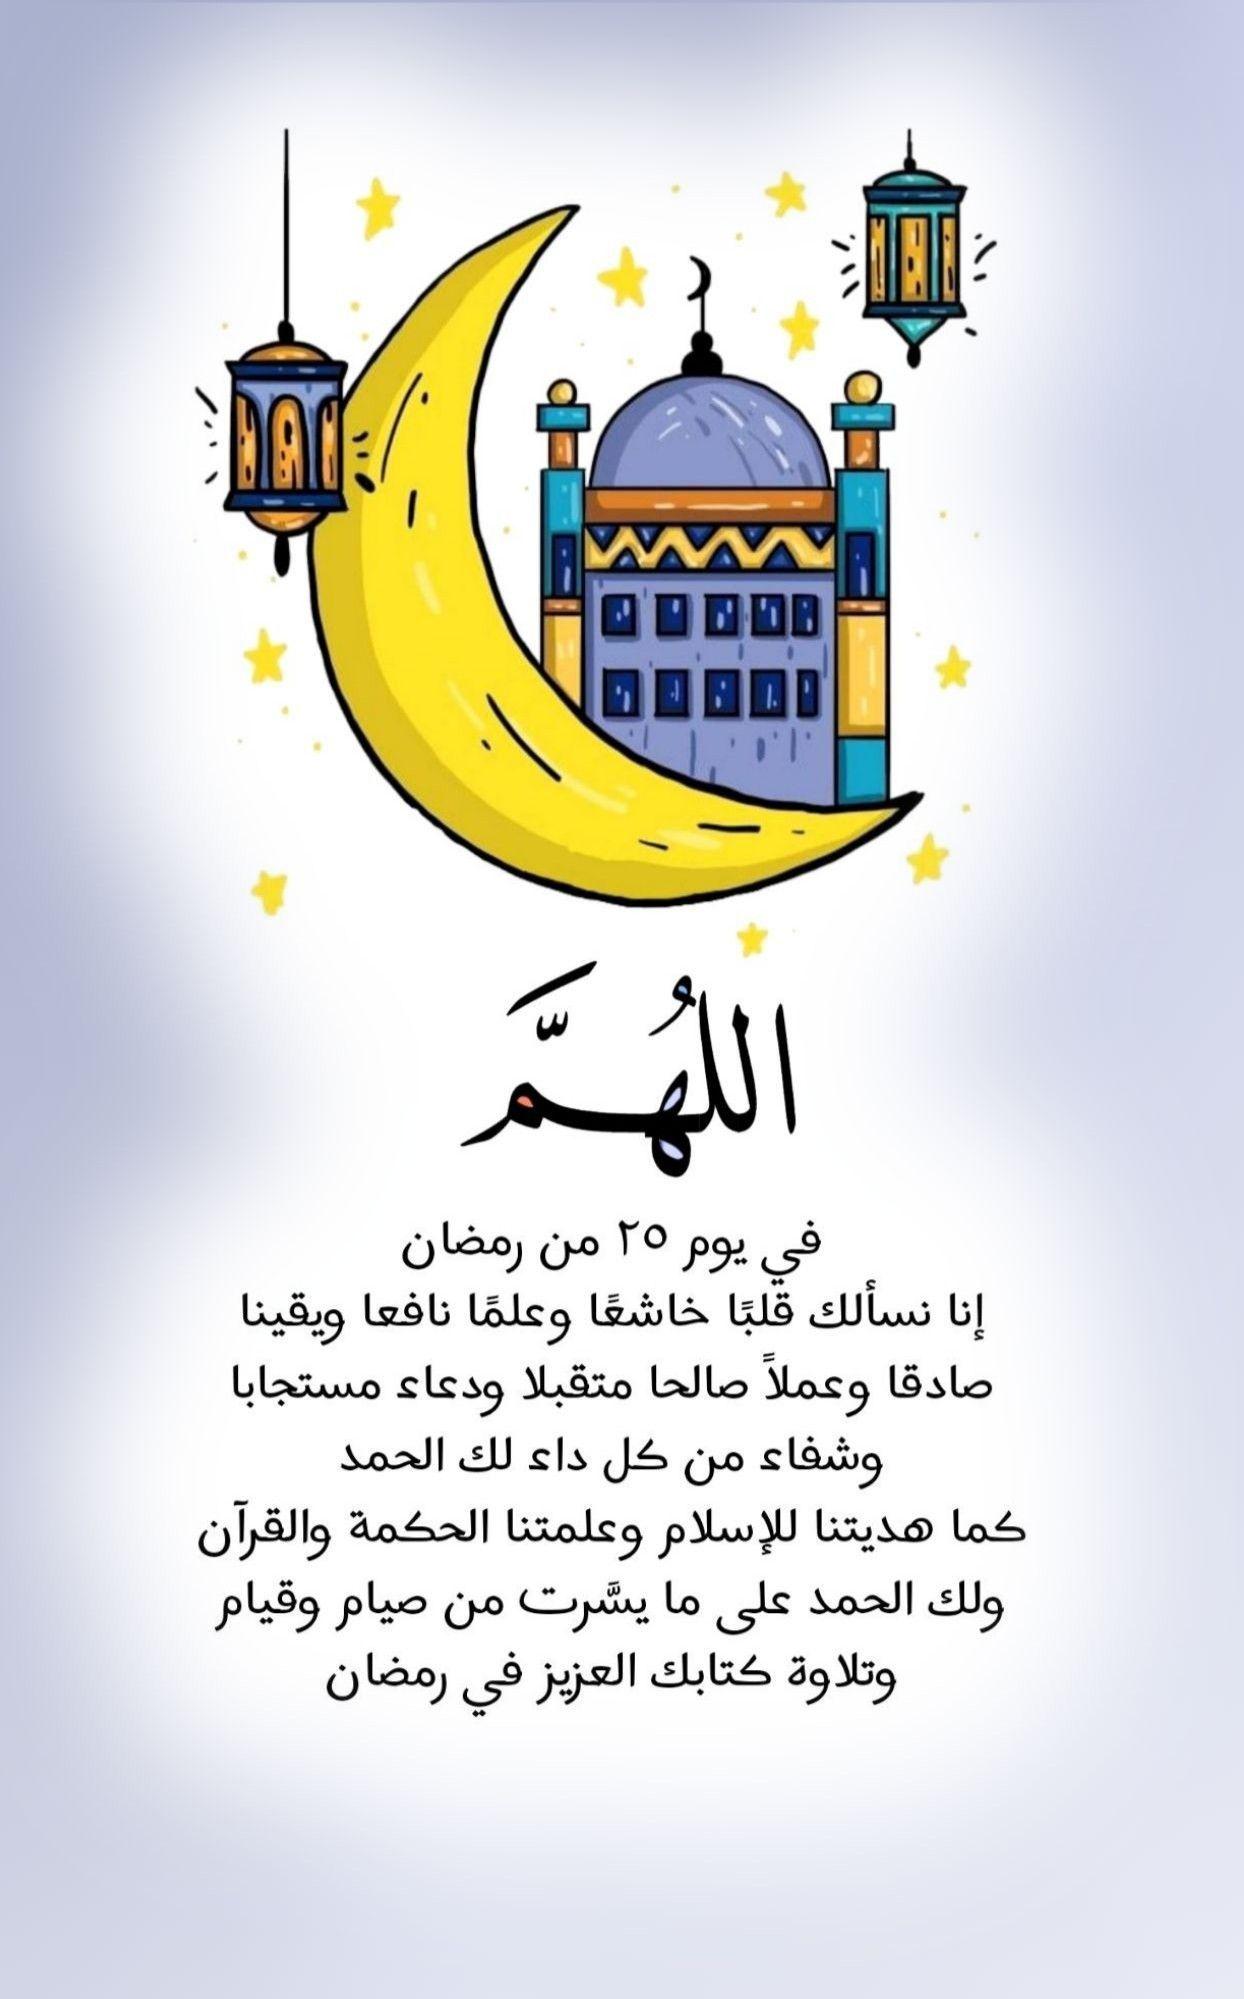 Pin By صورة و كلمة On رمضان كريم Ramadan Kareem Ramadan Cards Ramadan Kareem Islamic Quotes Quran